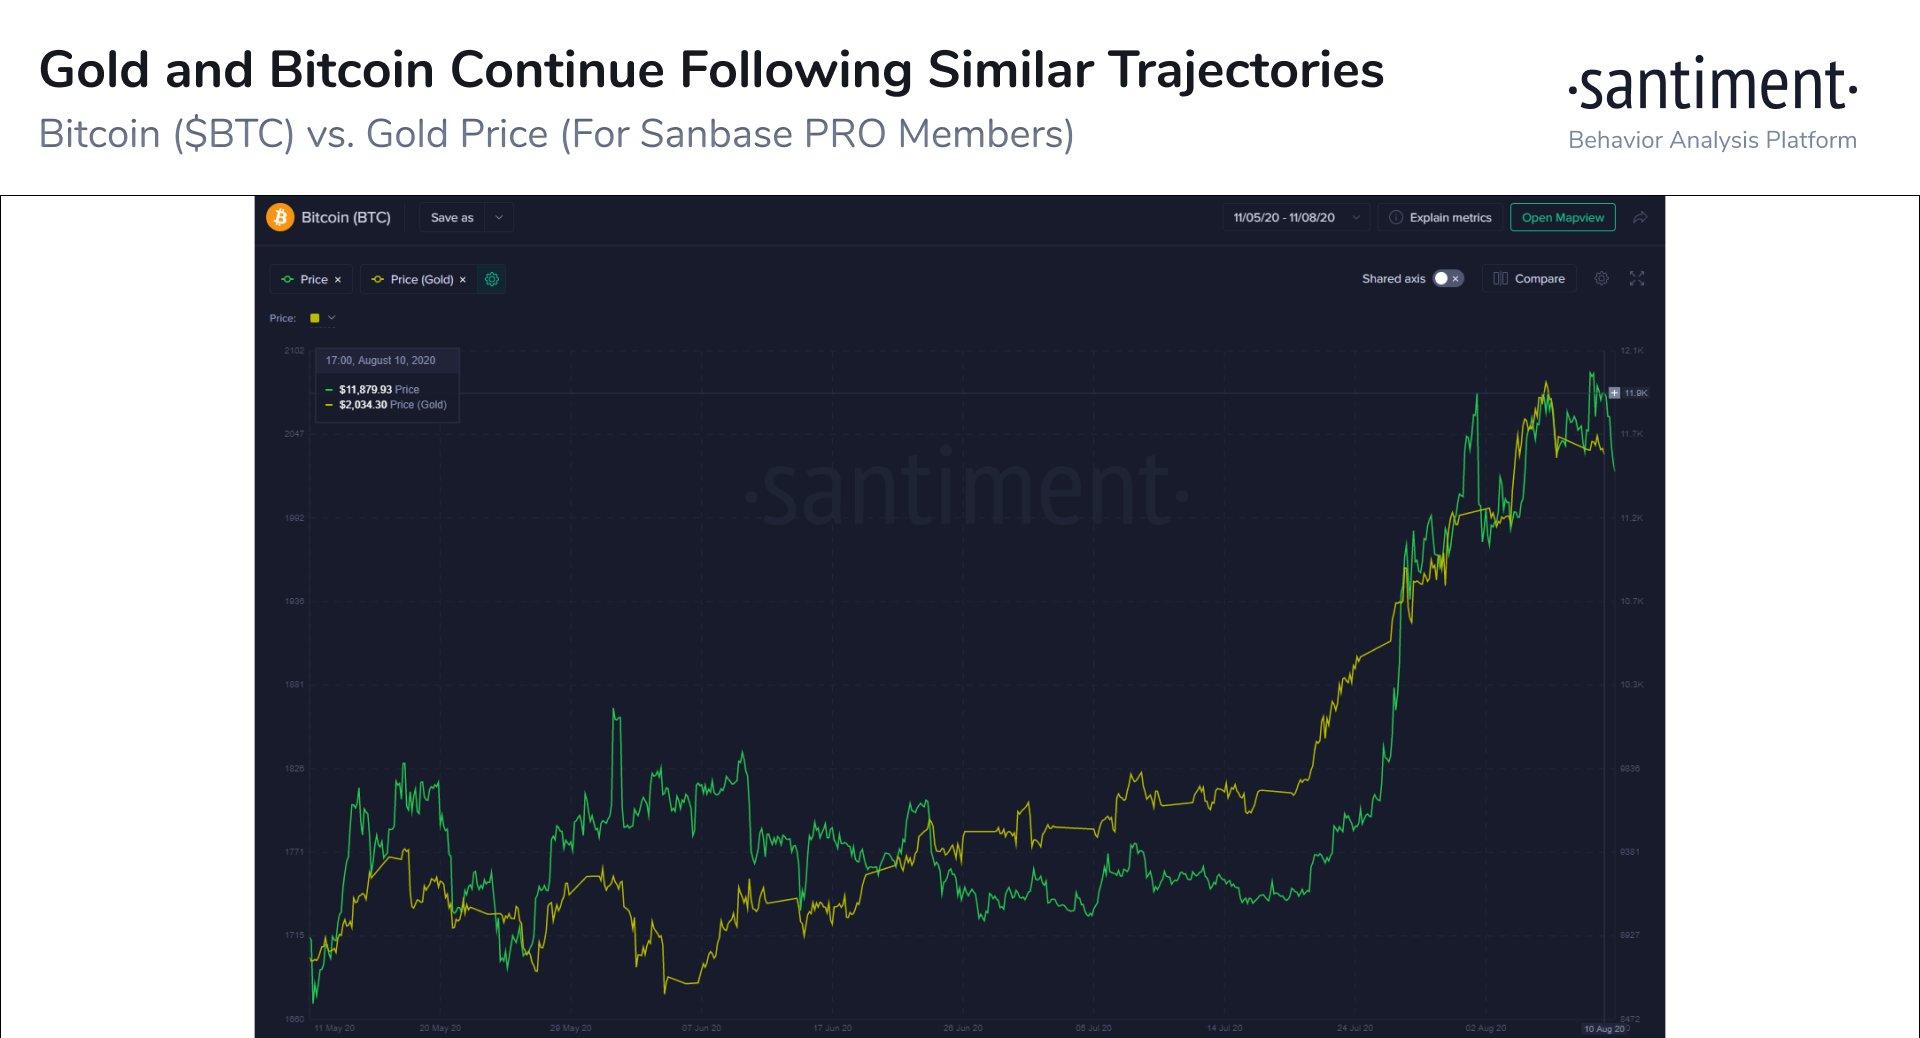 Аналитики сохраняют оптимизм на фоне ослабления биткоина